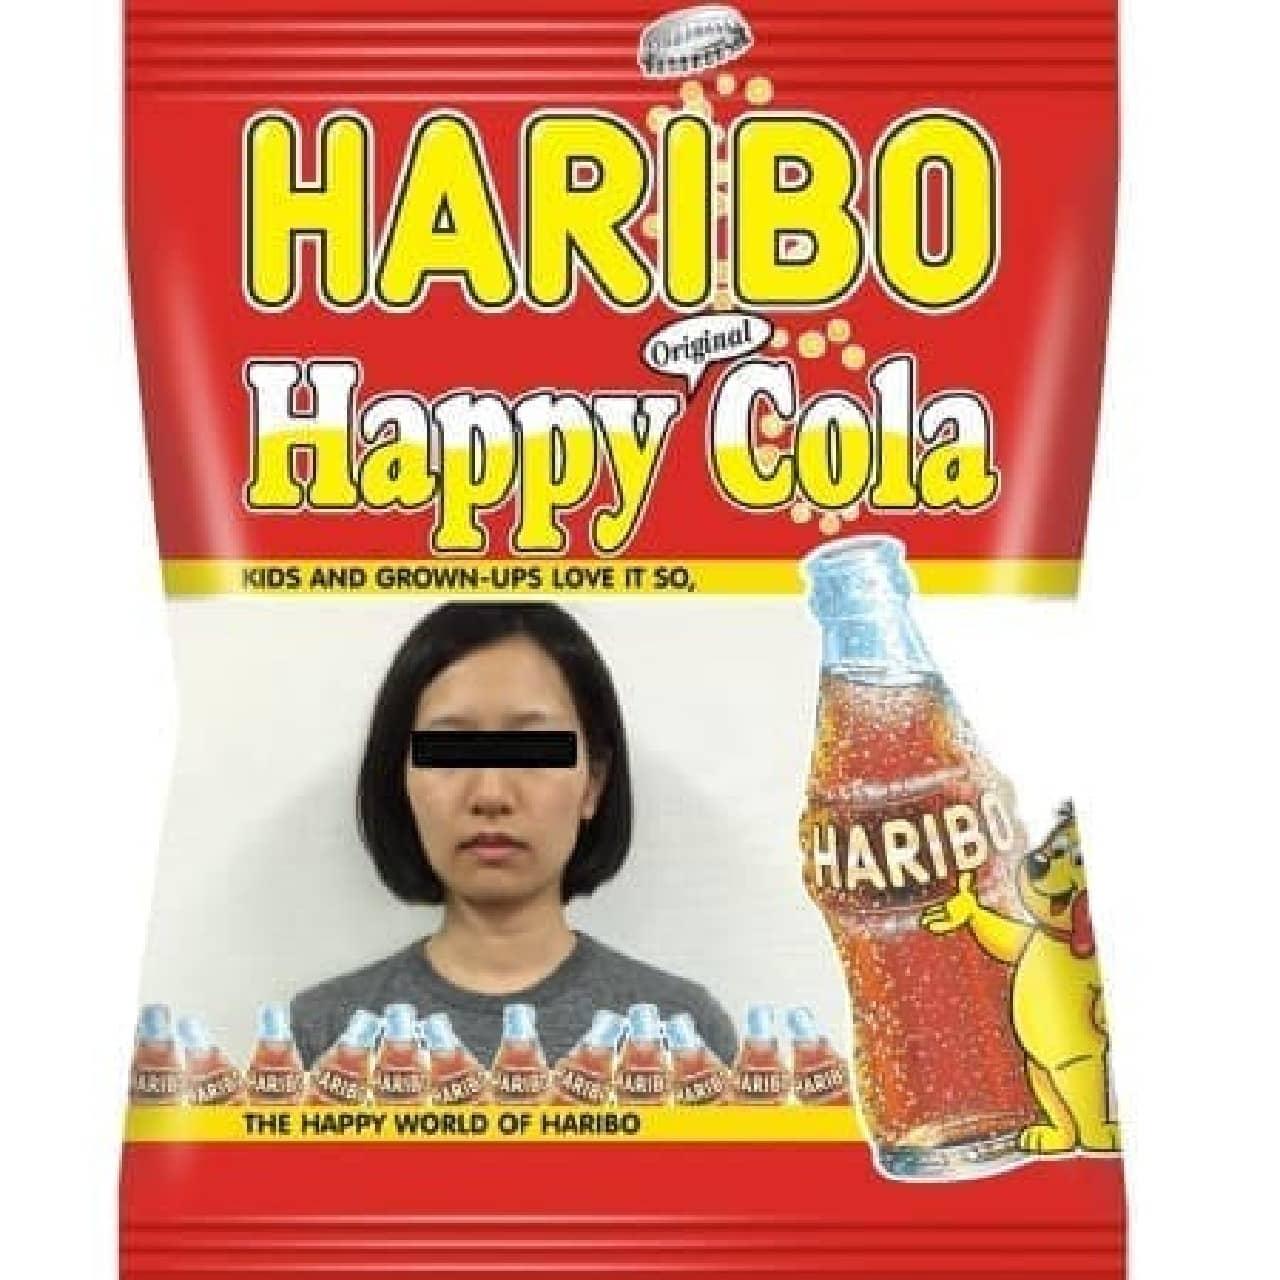 「HARIBO(ハリボー)」のフォトフレーム ハッピーコーラ